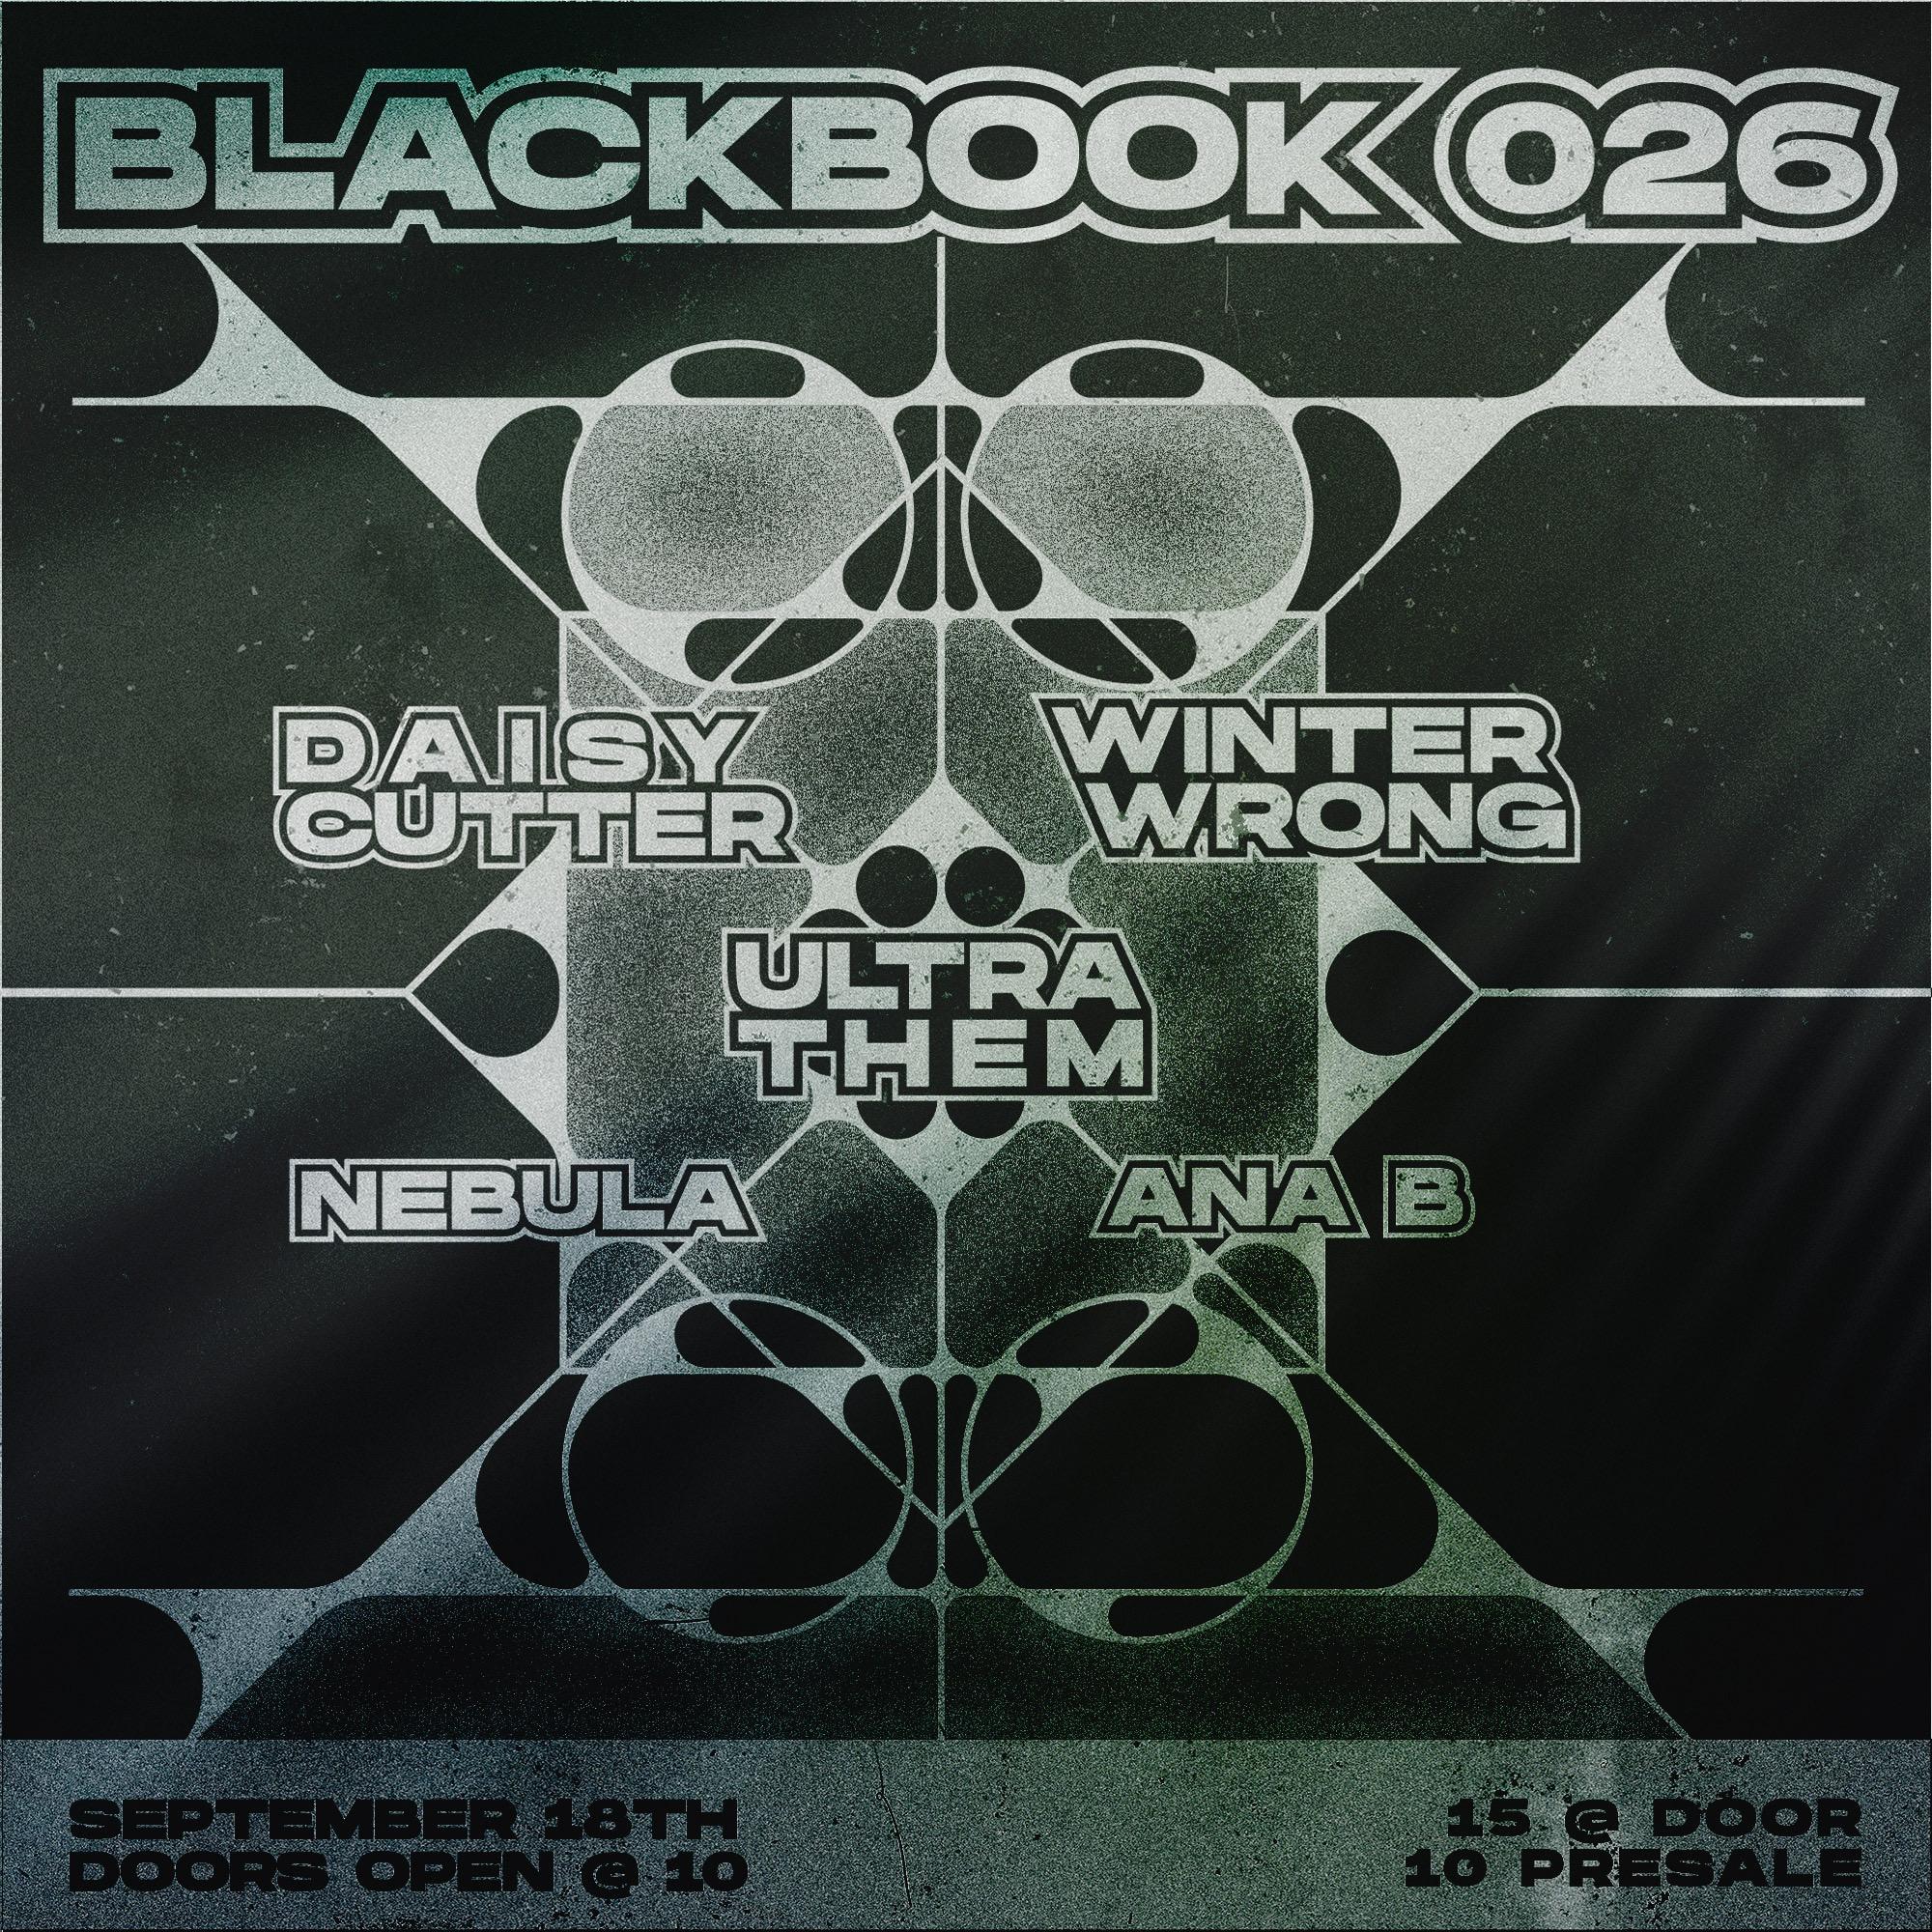 BLACKBOOK 026